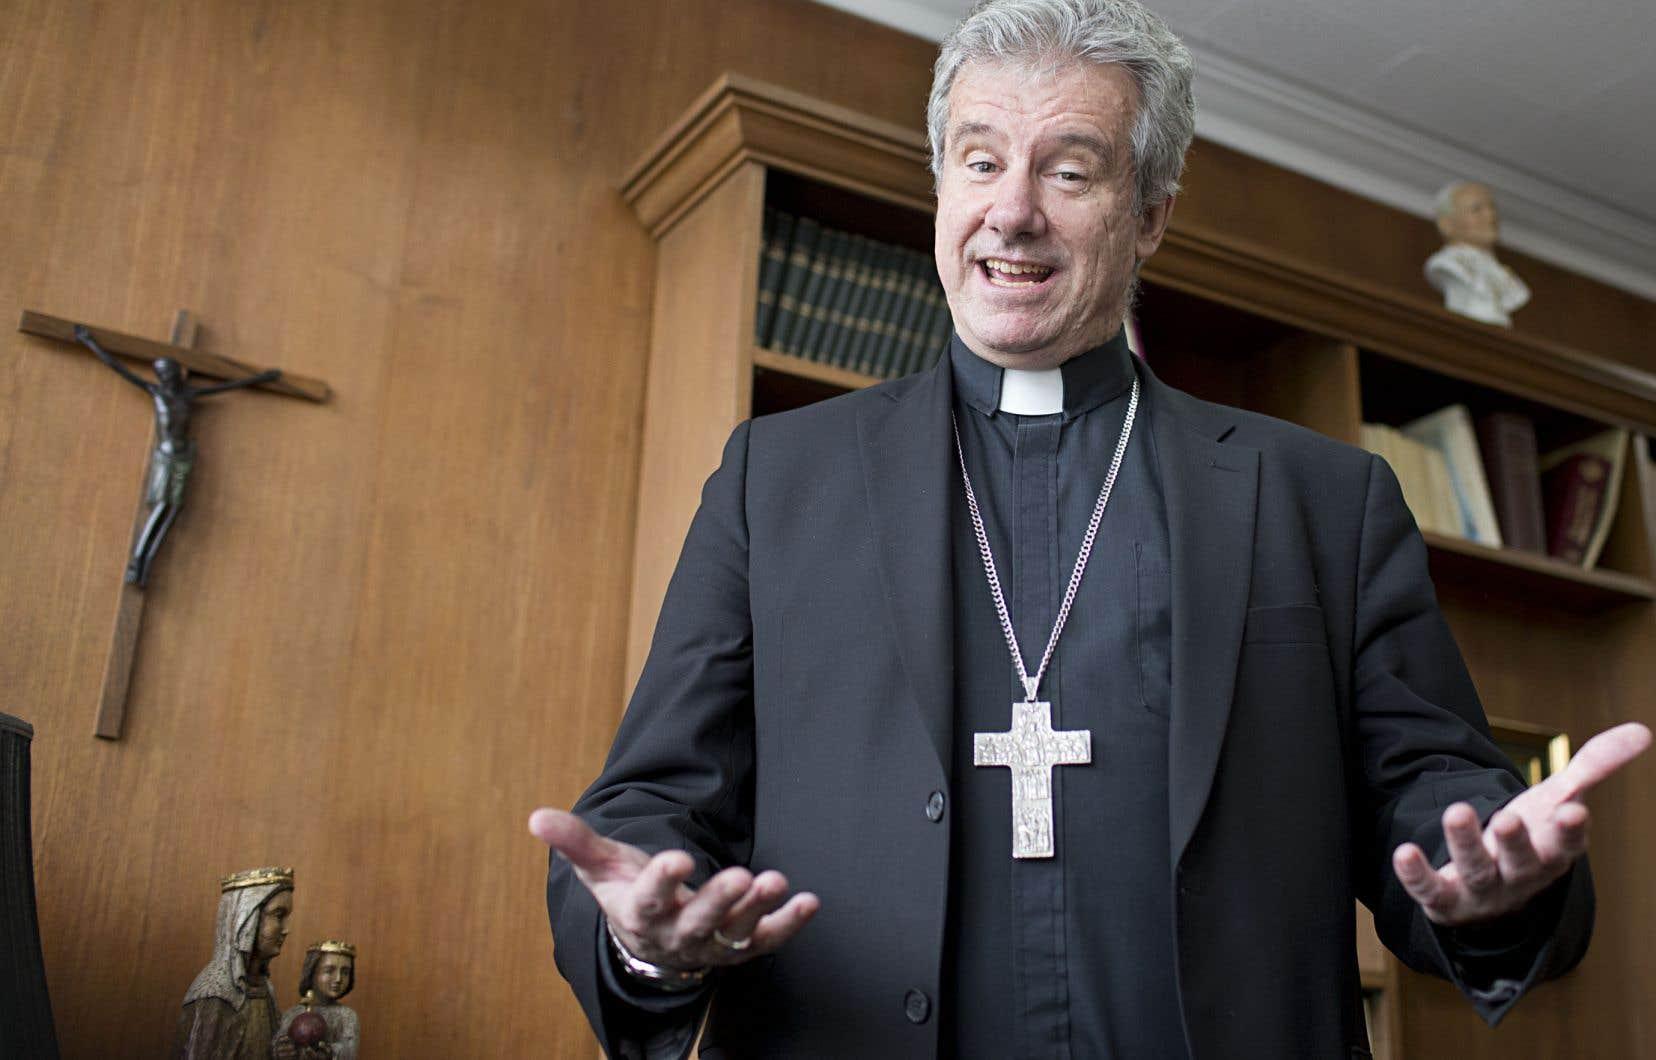 «Le temps de Pâques est un temps pour que la lumière et l'espérance rayonnent, c'est le moment de tendre la main», pense l'archevêque de Montréal, Mgr Christian Lépine.